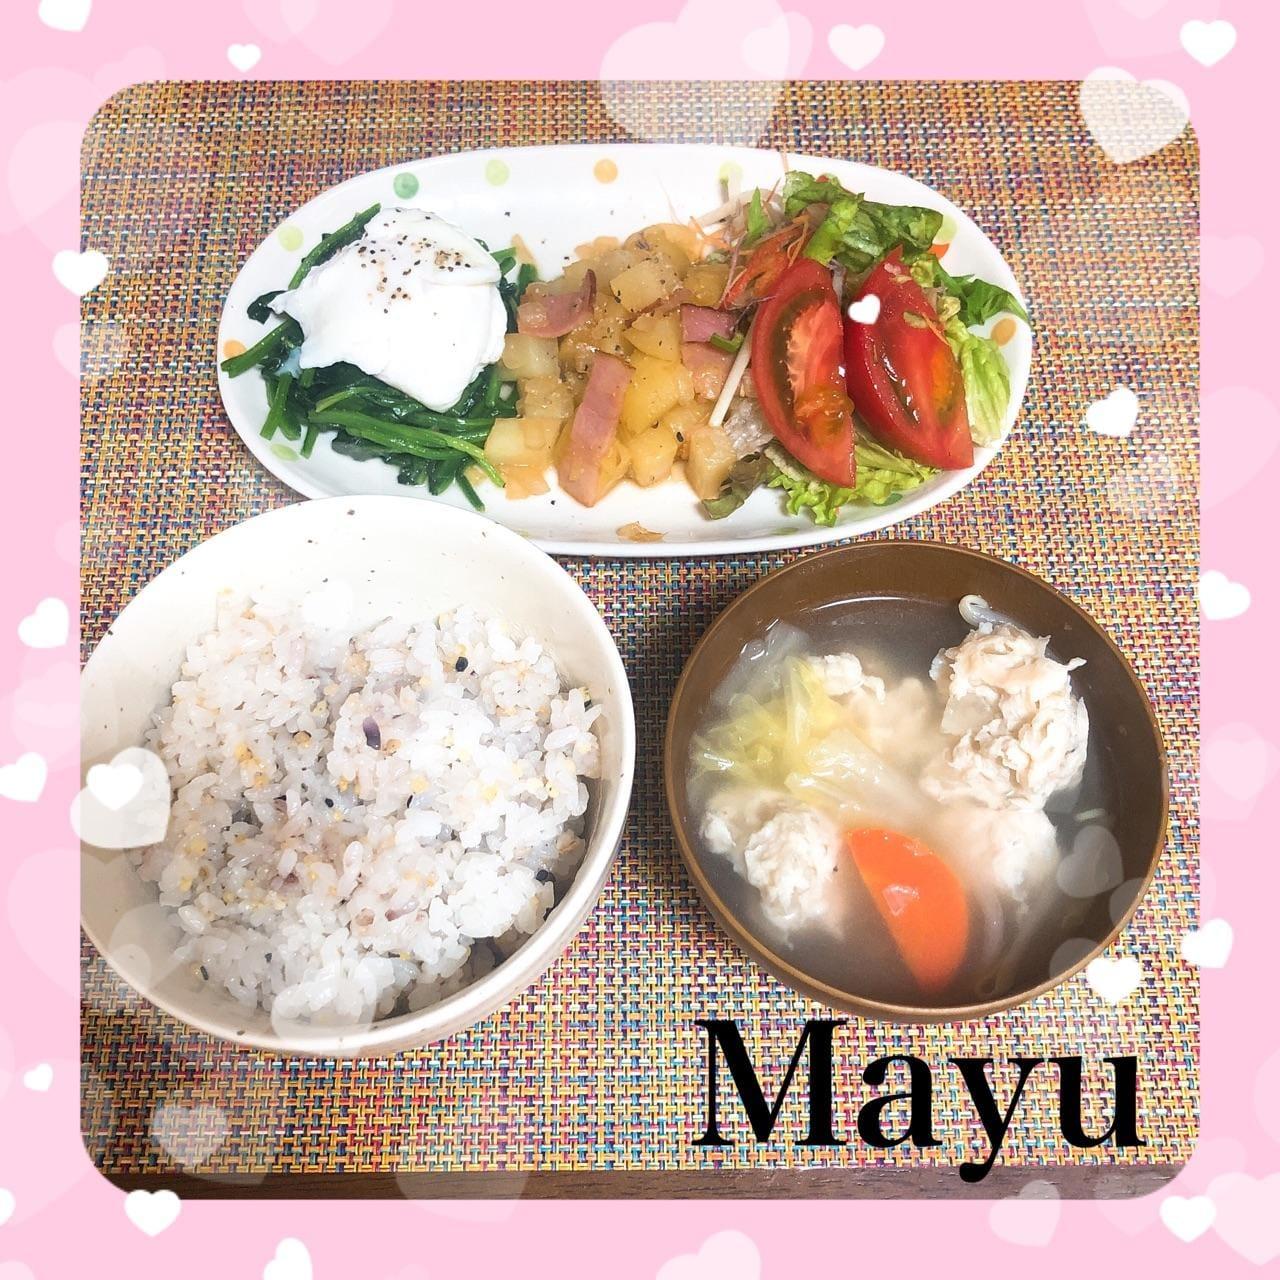 「まゆご飯?」12/08(土) 08:54 | まゆ (Mayu)の写メ・風俗動画